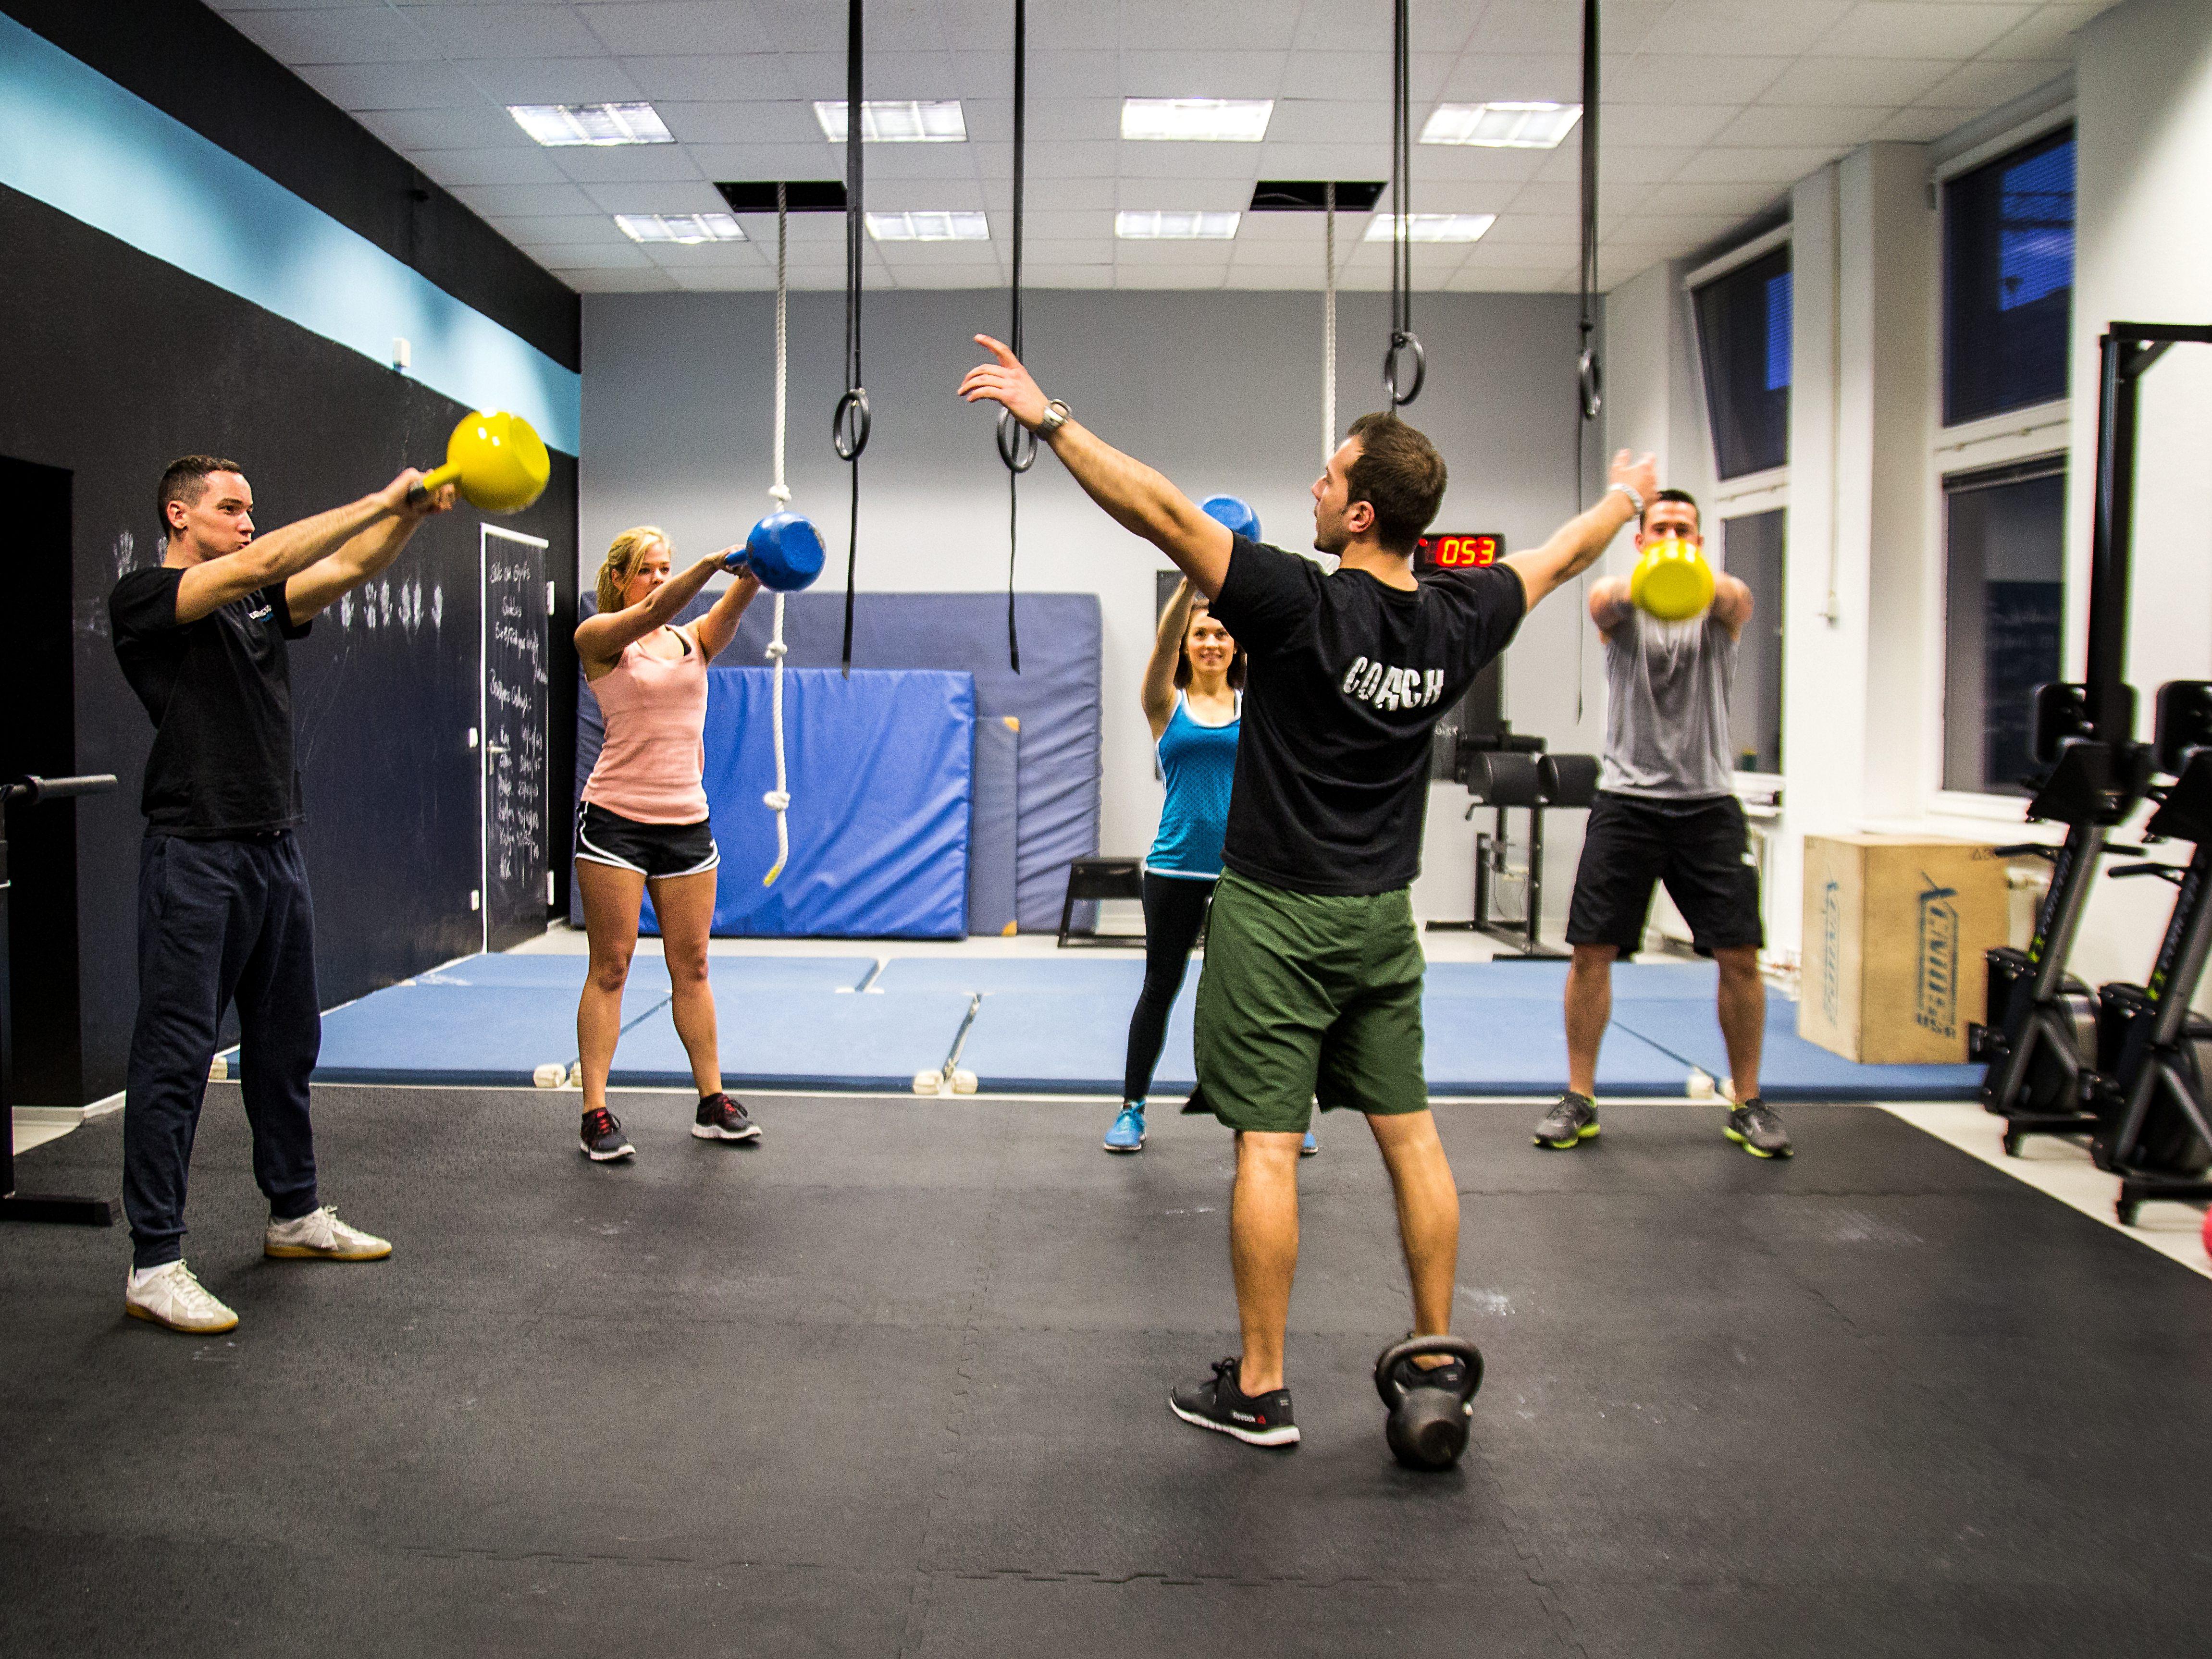 Bei der Sportart Crossfit arbeitet man unter anderem mit Kettlebells, die hier in gelb und blau in den Händen der Teilnehmer zu sehen sind.